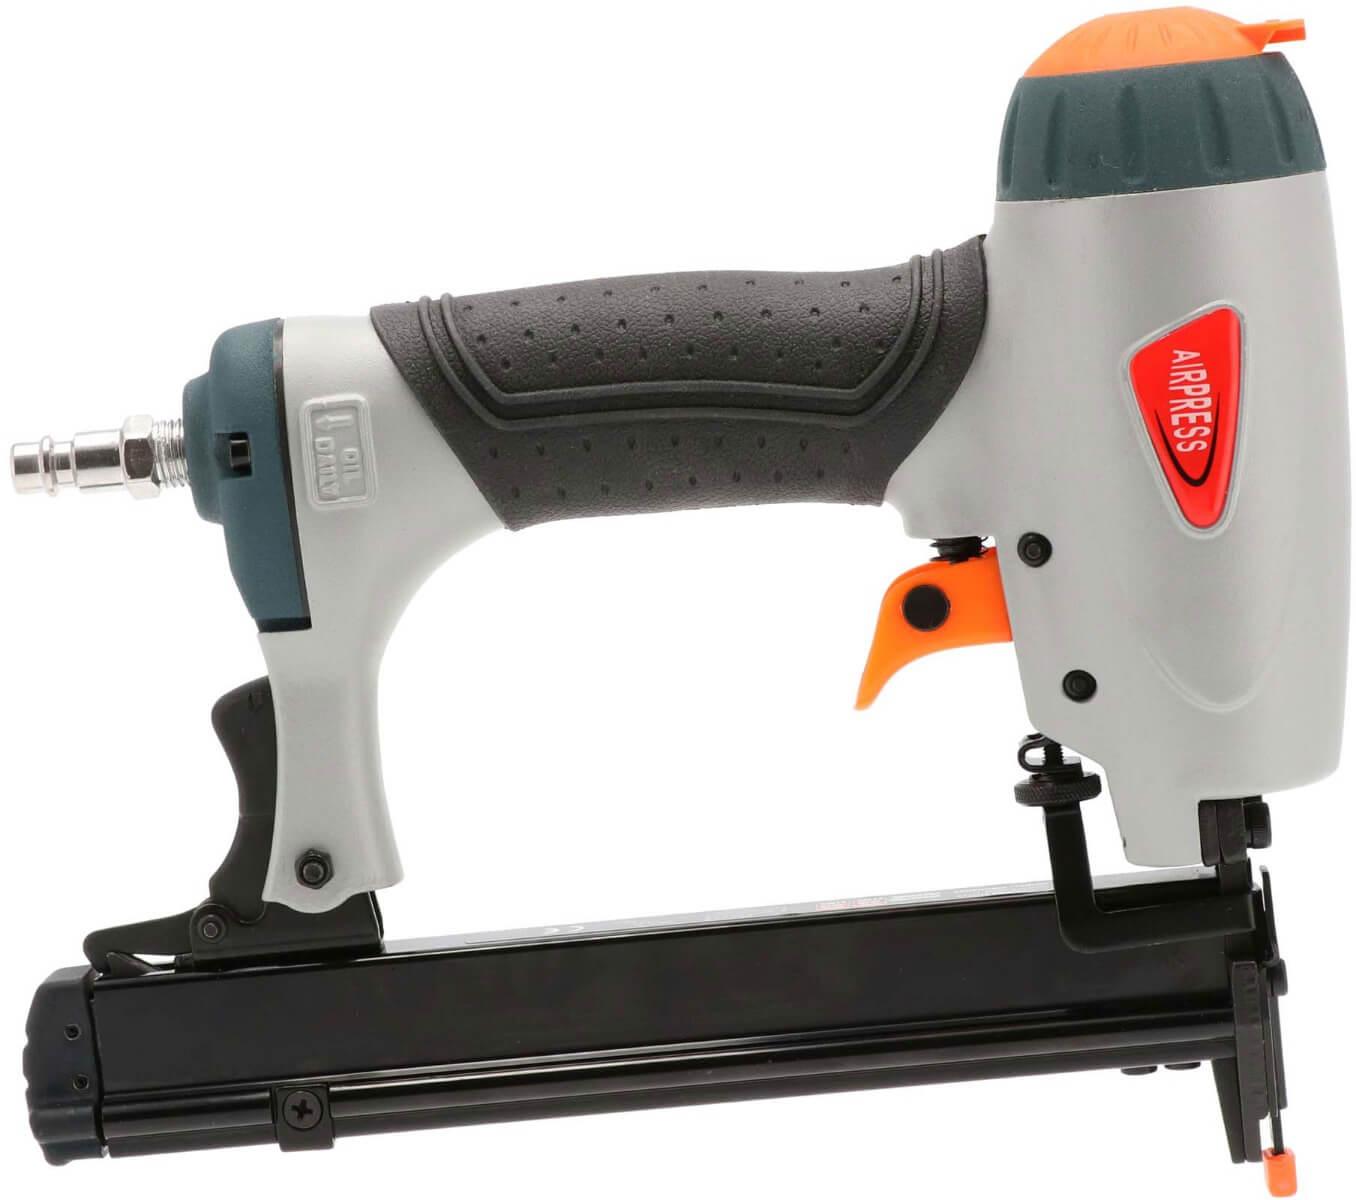 Pneumatische Tacker type 80 max 25 mm met accessoires